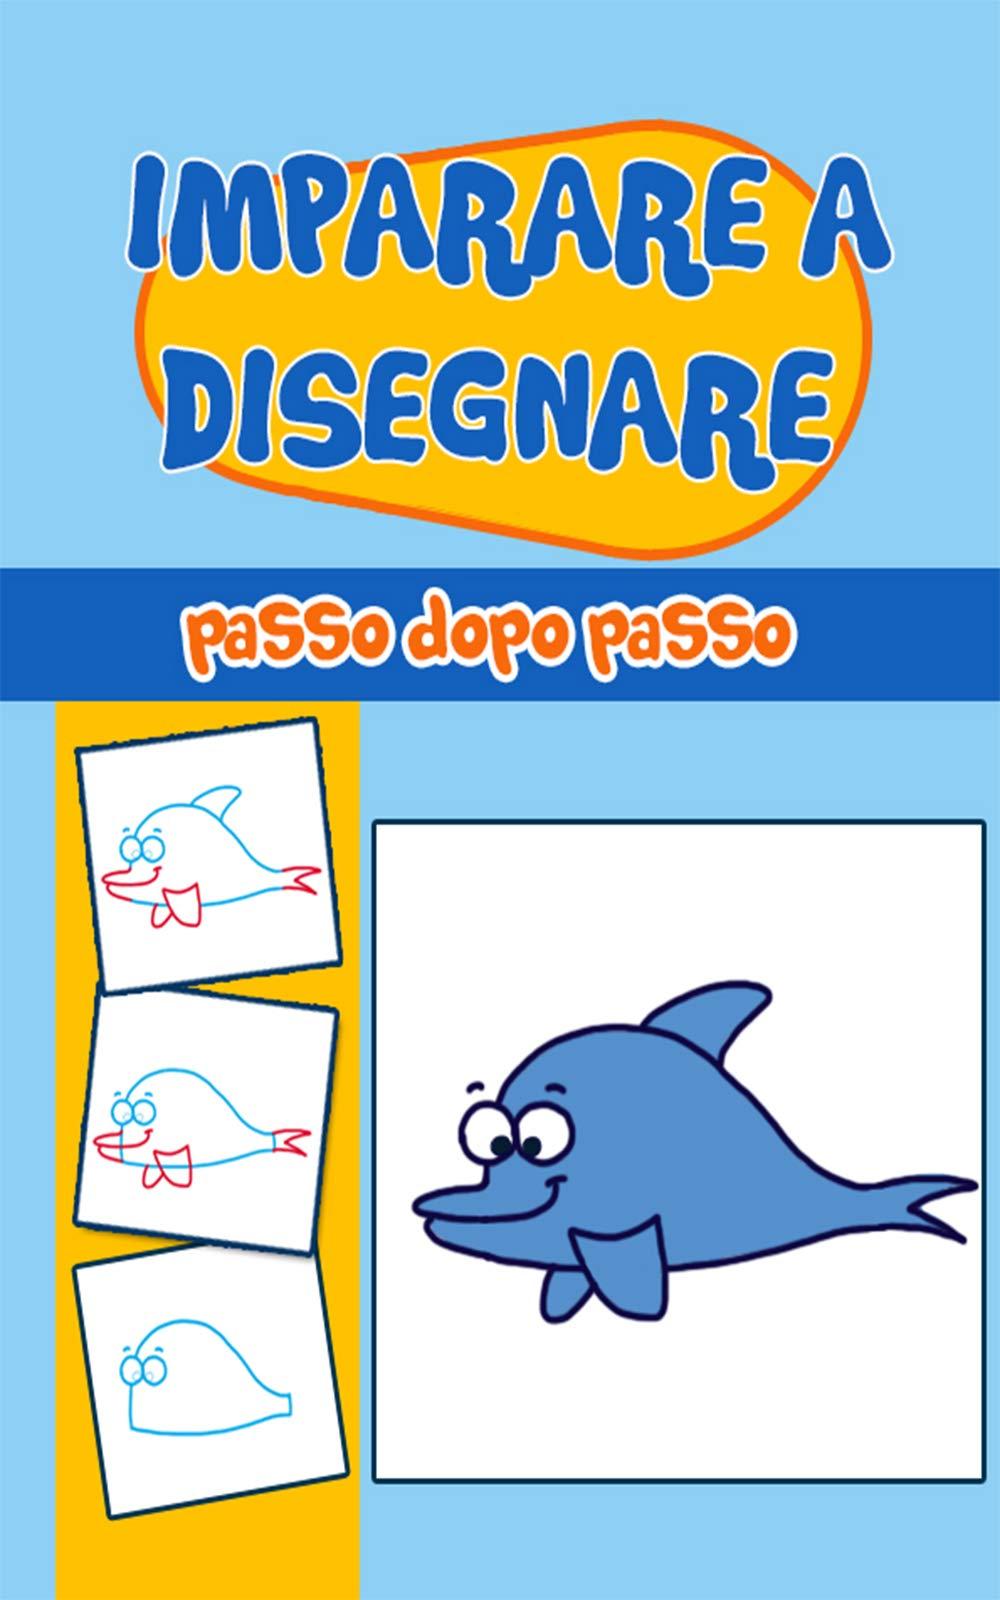 Disegno Per Bambini Imparare A Disegnare Passo Dopo Passo Giochi